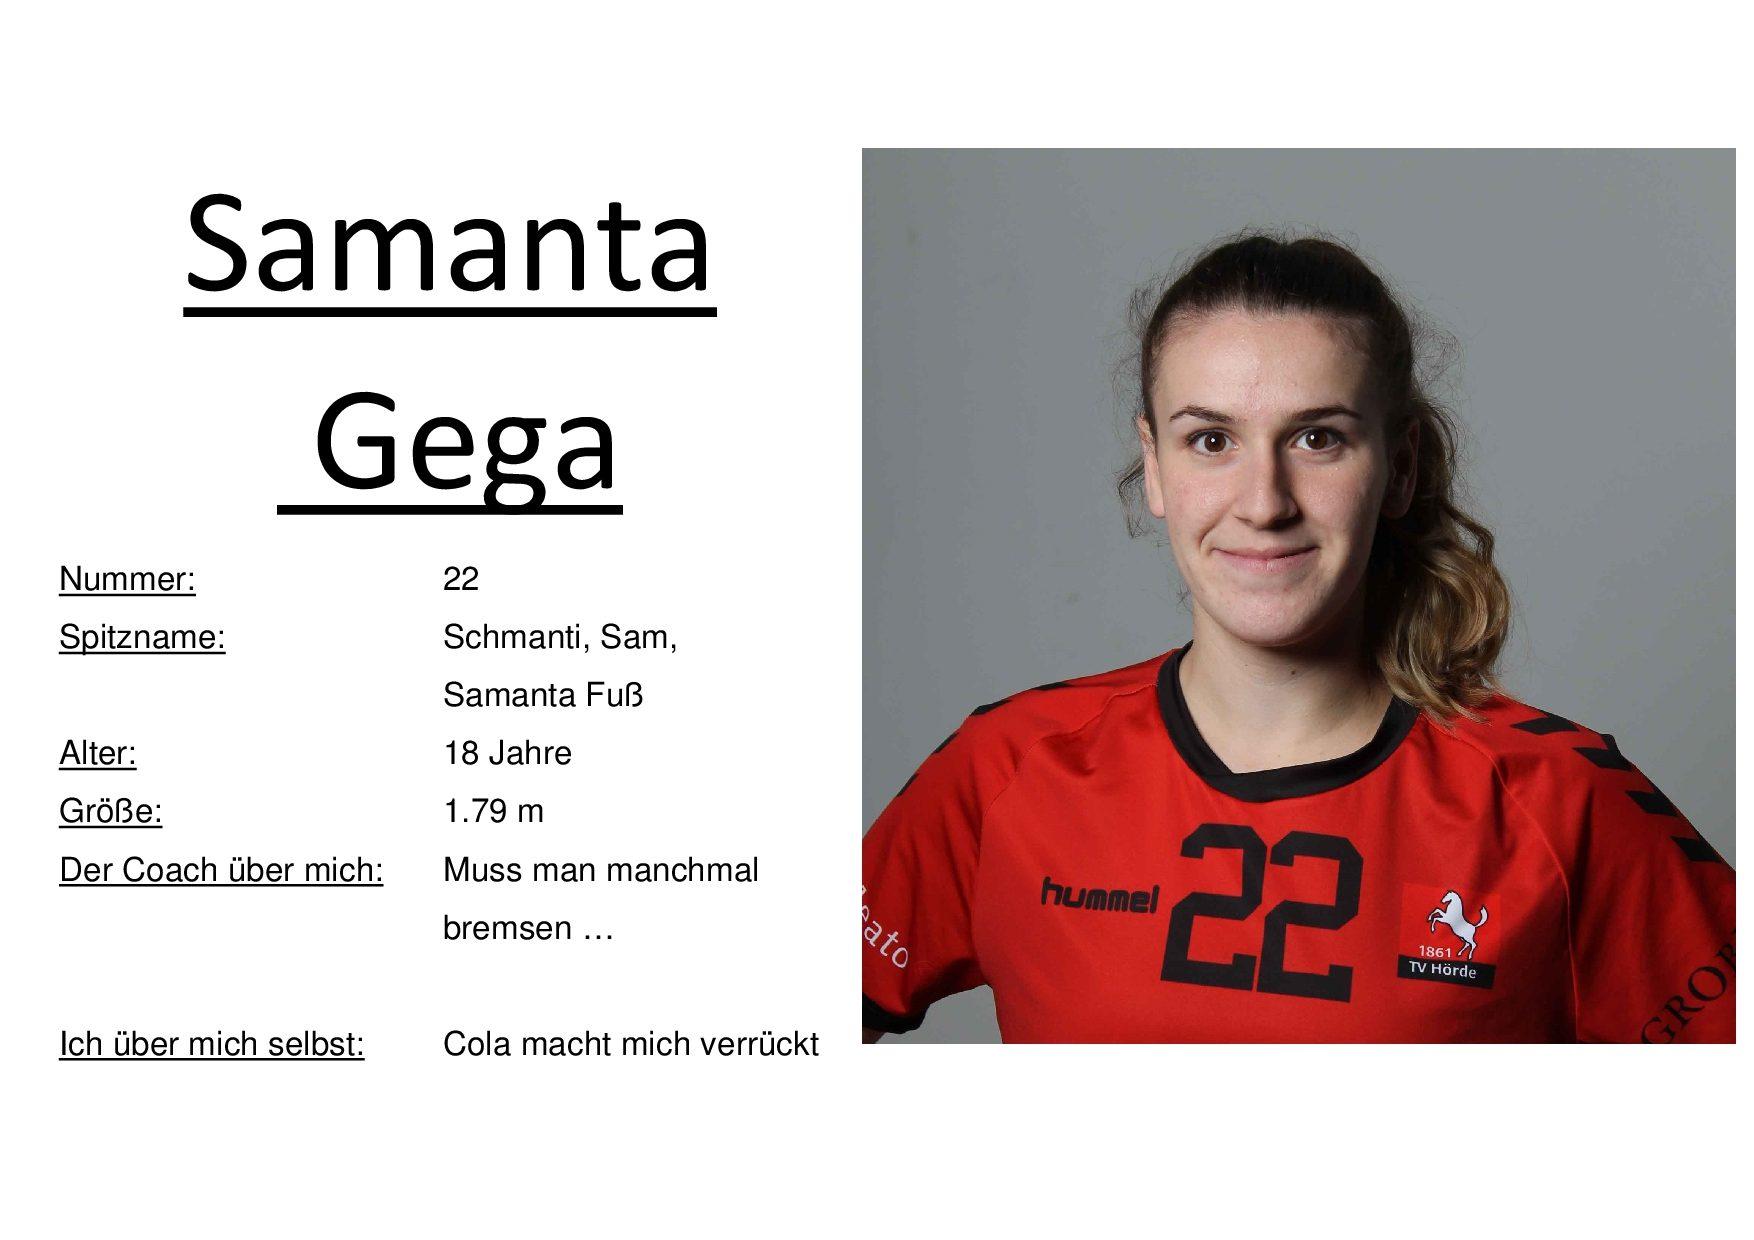 Samanta Gega